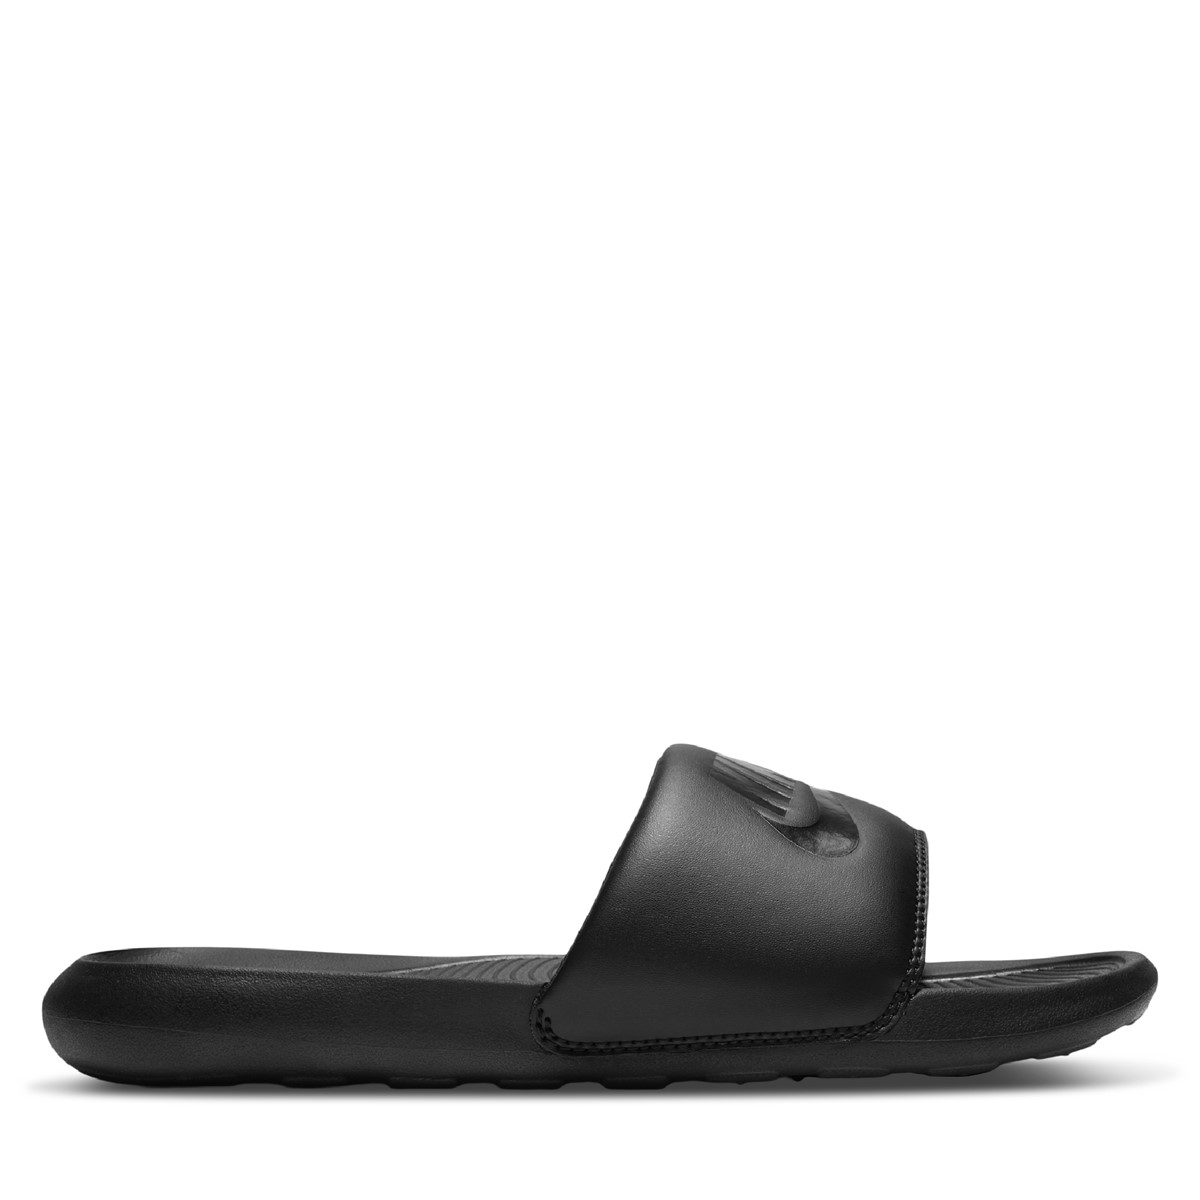 Women's Victori One slides in Black